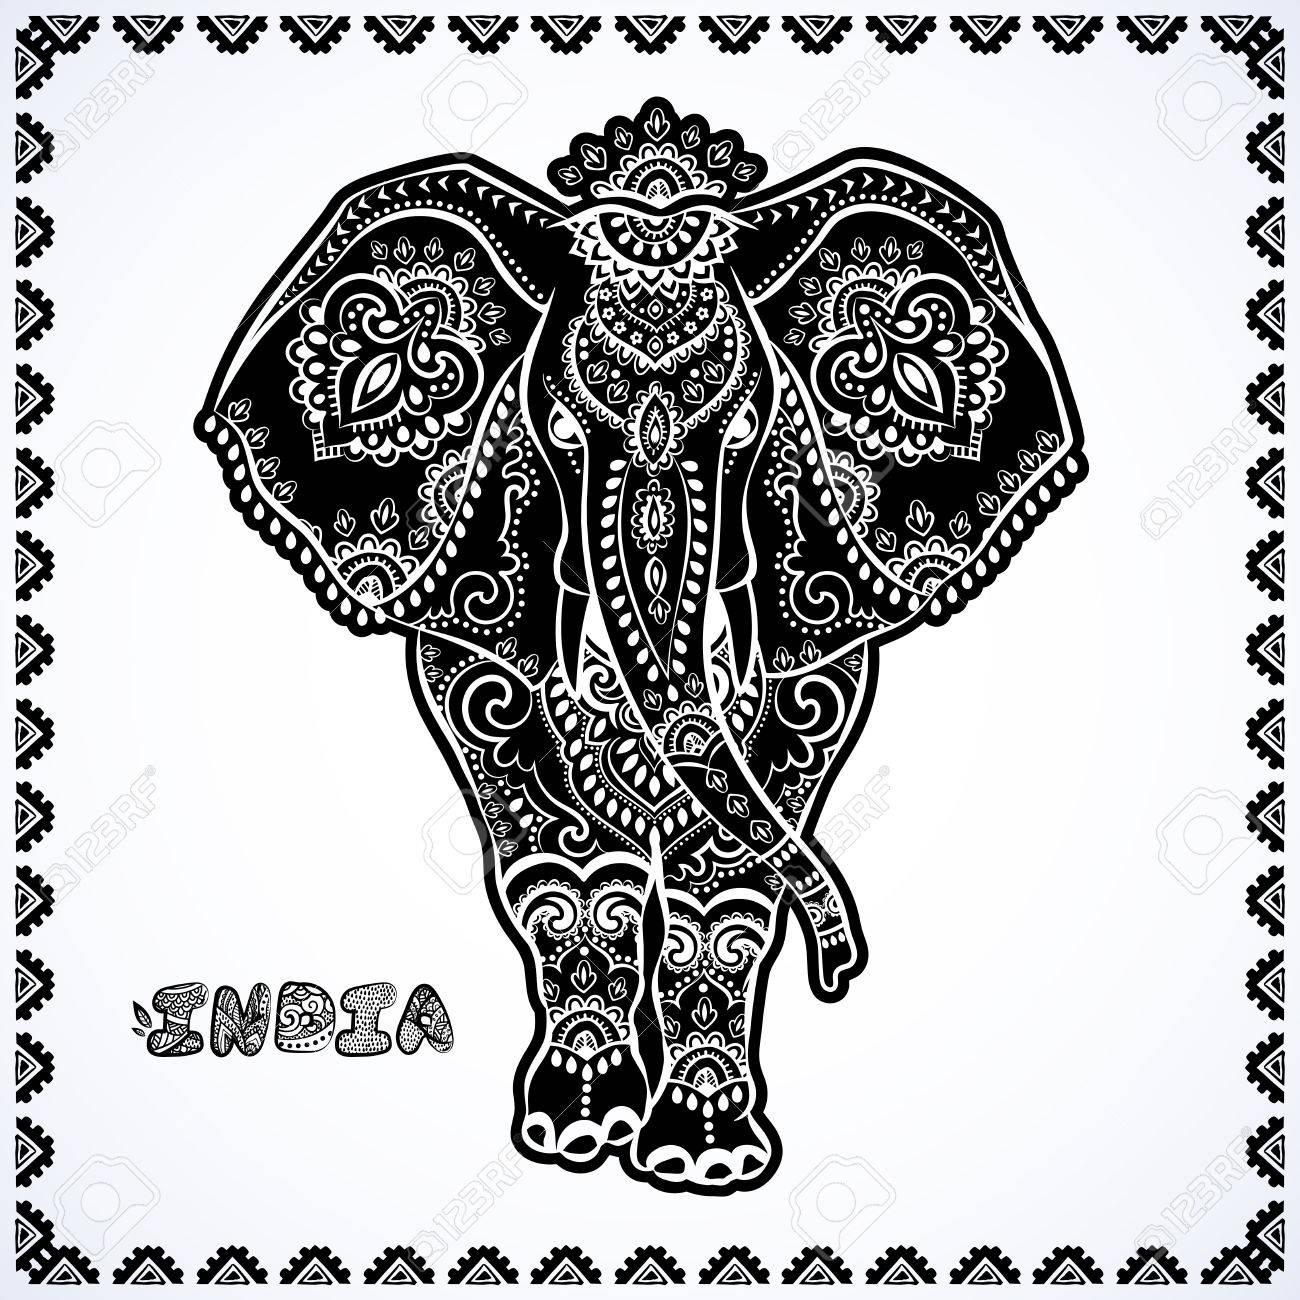 Vintage Gráfico Vectorial De Loto Elefante Indio étnico. Ornamento ...